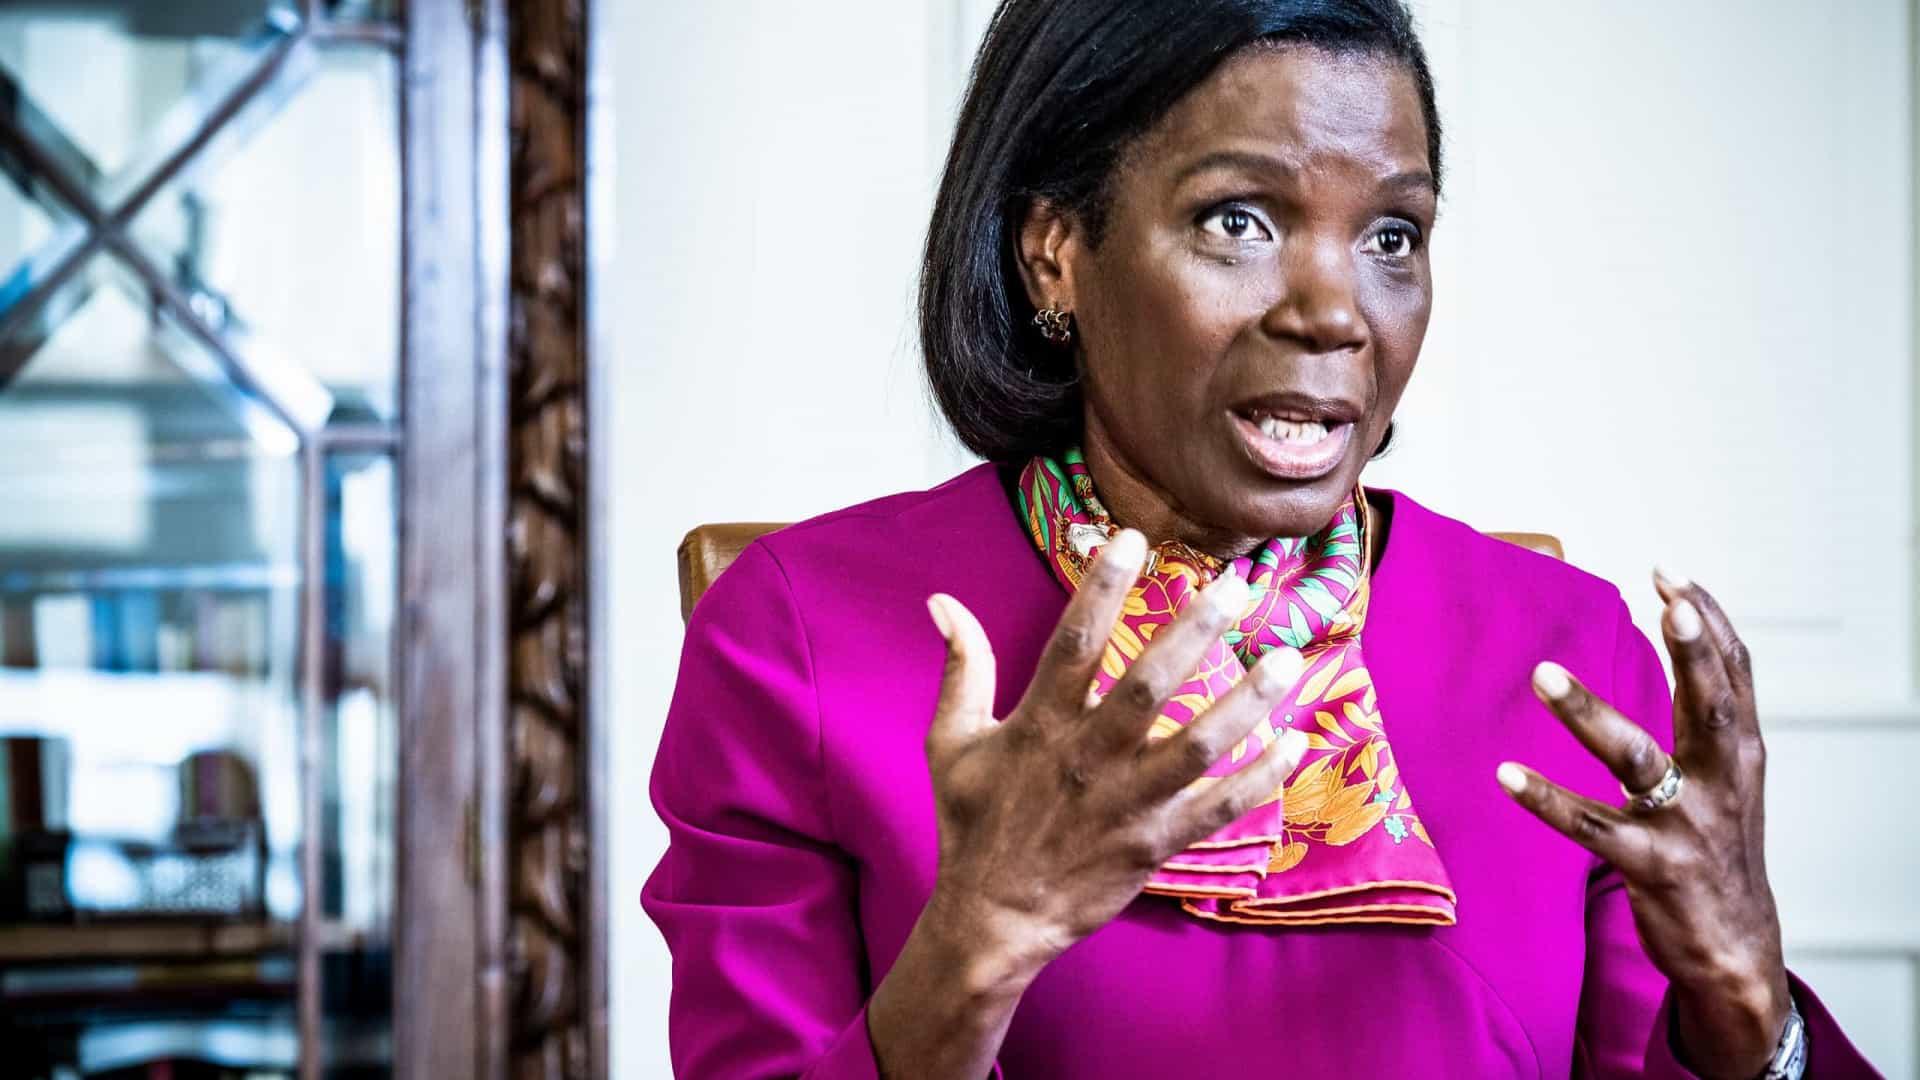 Ministra da Justiça, Francisca Van Dunem,-Direitos Humanos